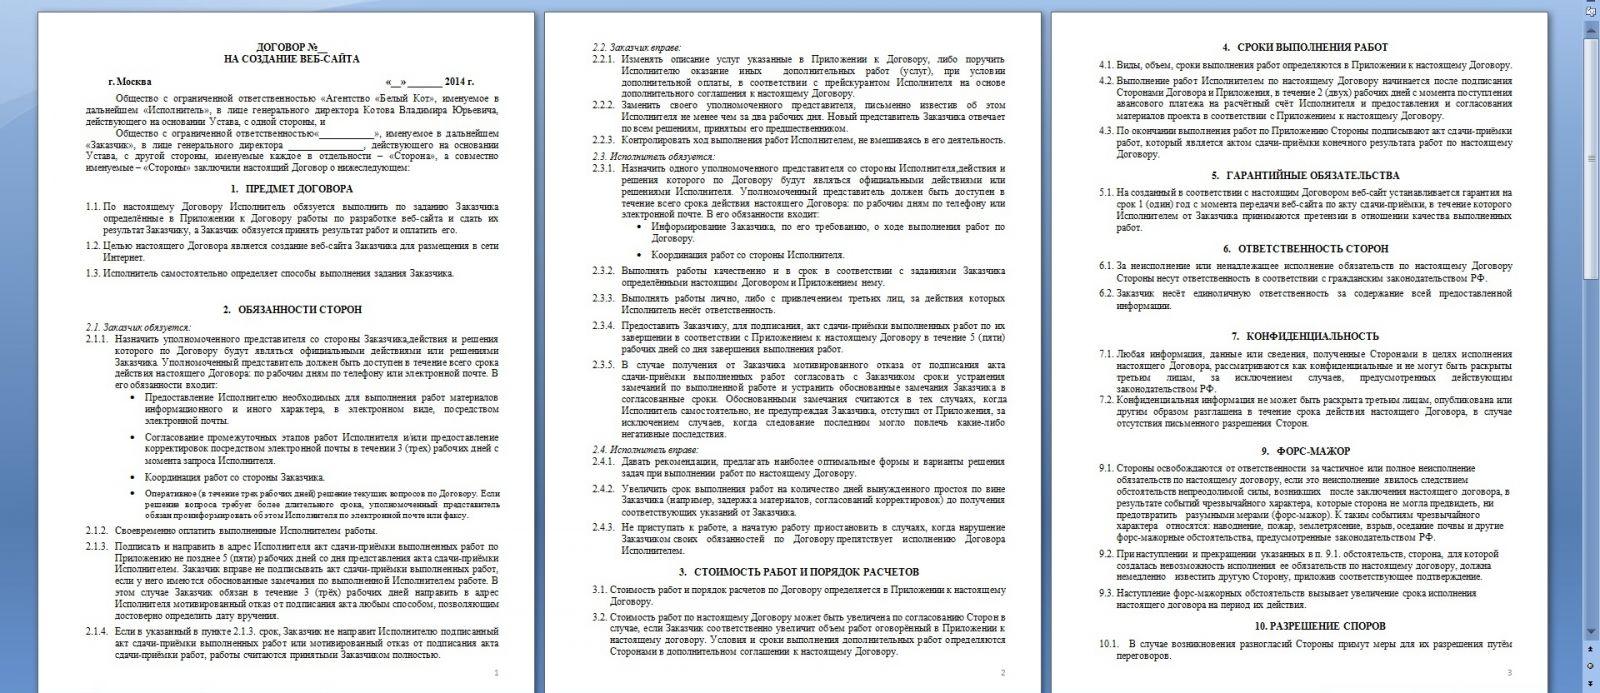 Договор на создание сайта образец 1